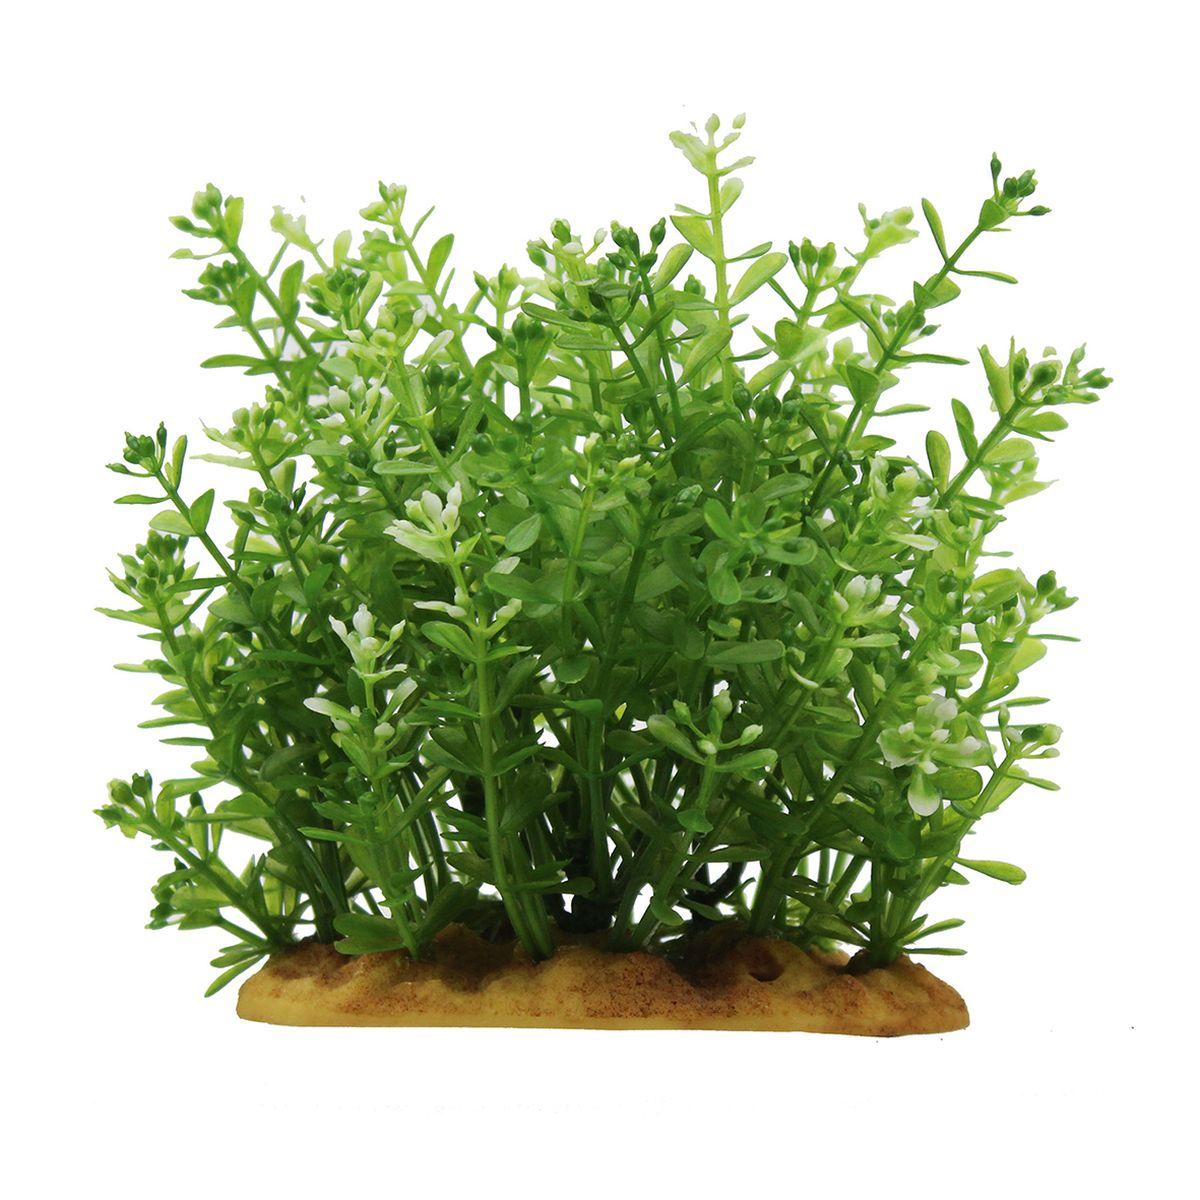 Растение для аквариума ArtUniq Ротала, высота 15 смART-1160109Композиция из искусственных растений ArtUniq превосходно украсит и оживит аквариум.Растения - это важная часть любой композиции, они помогут вдохнуть жизнь в ландшафт любого аквариума или террариума. А их сходствос природными порадует даже самых взыскательных ценителей.